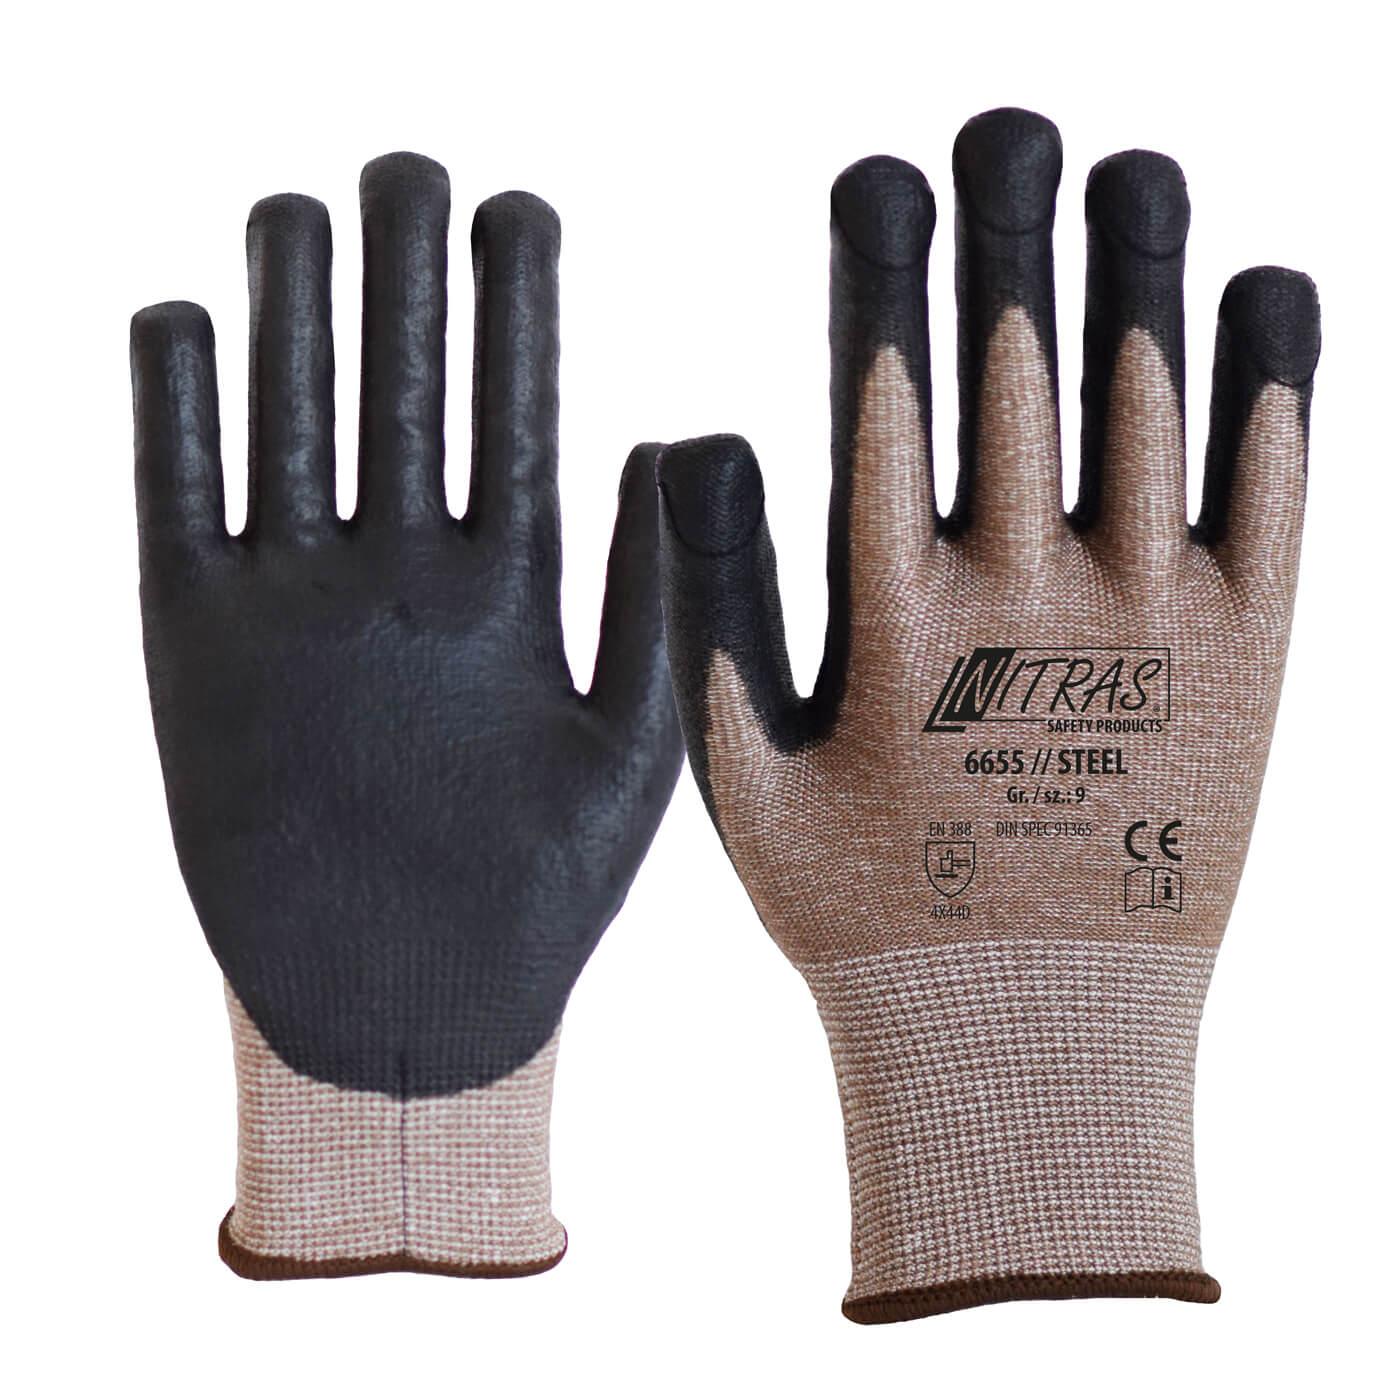 Rękawice antyprzekłuciowe i antyprzecięciowe Nitras 6655/ STEEL